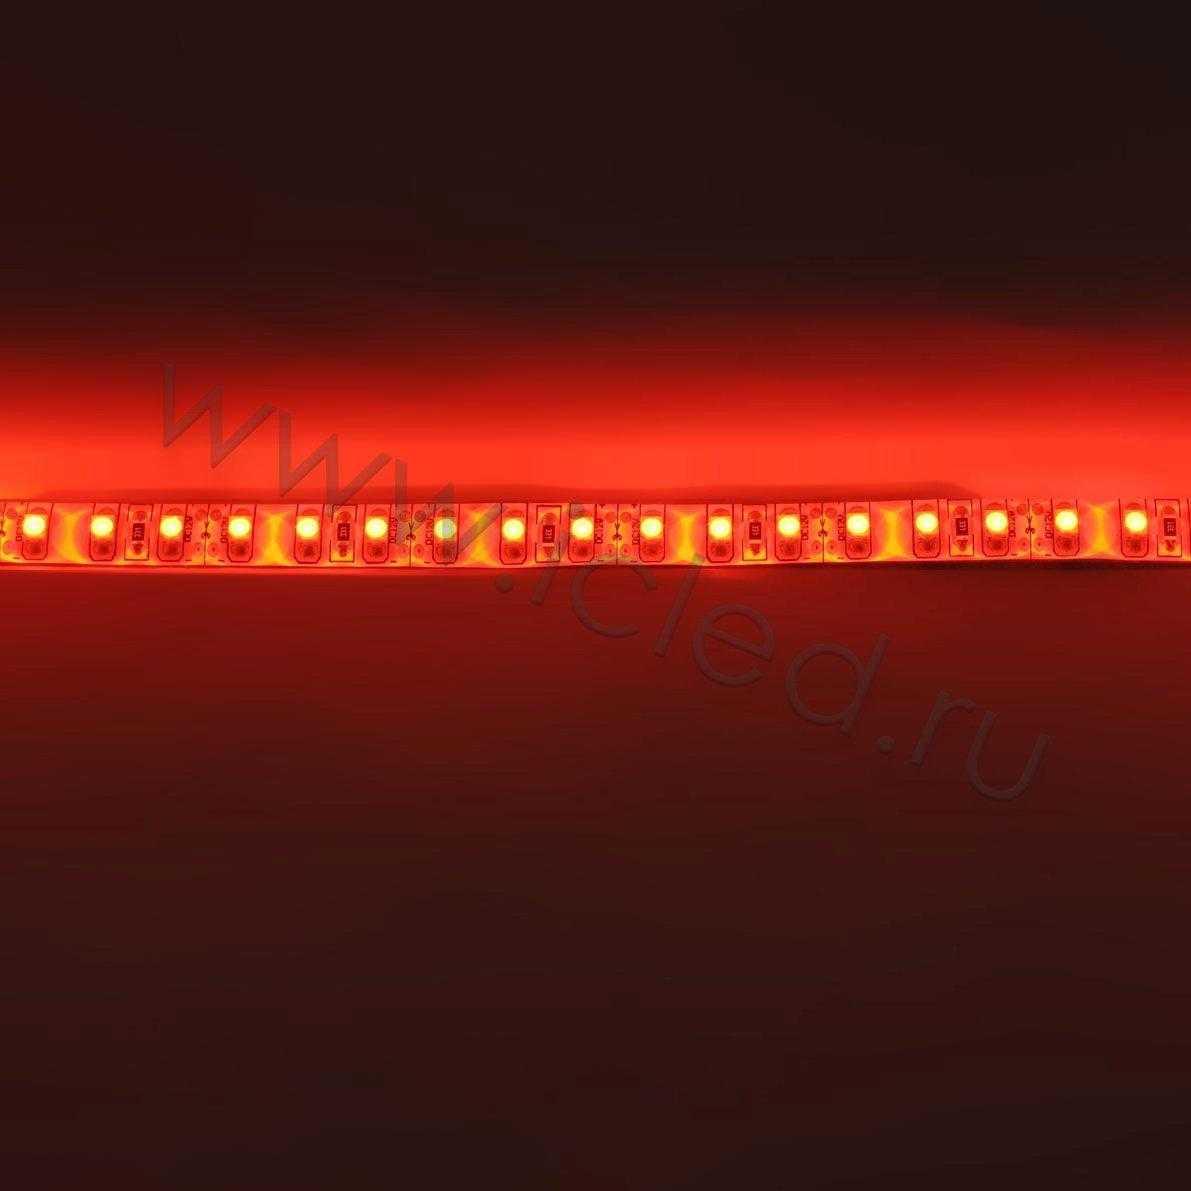 Светодиодная лента Class B, 3528, 120 led/m, Red, 12V, IP65